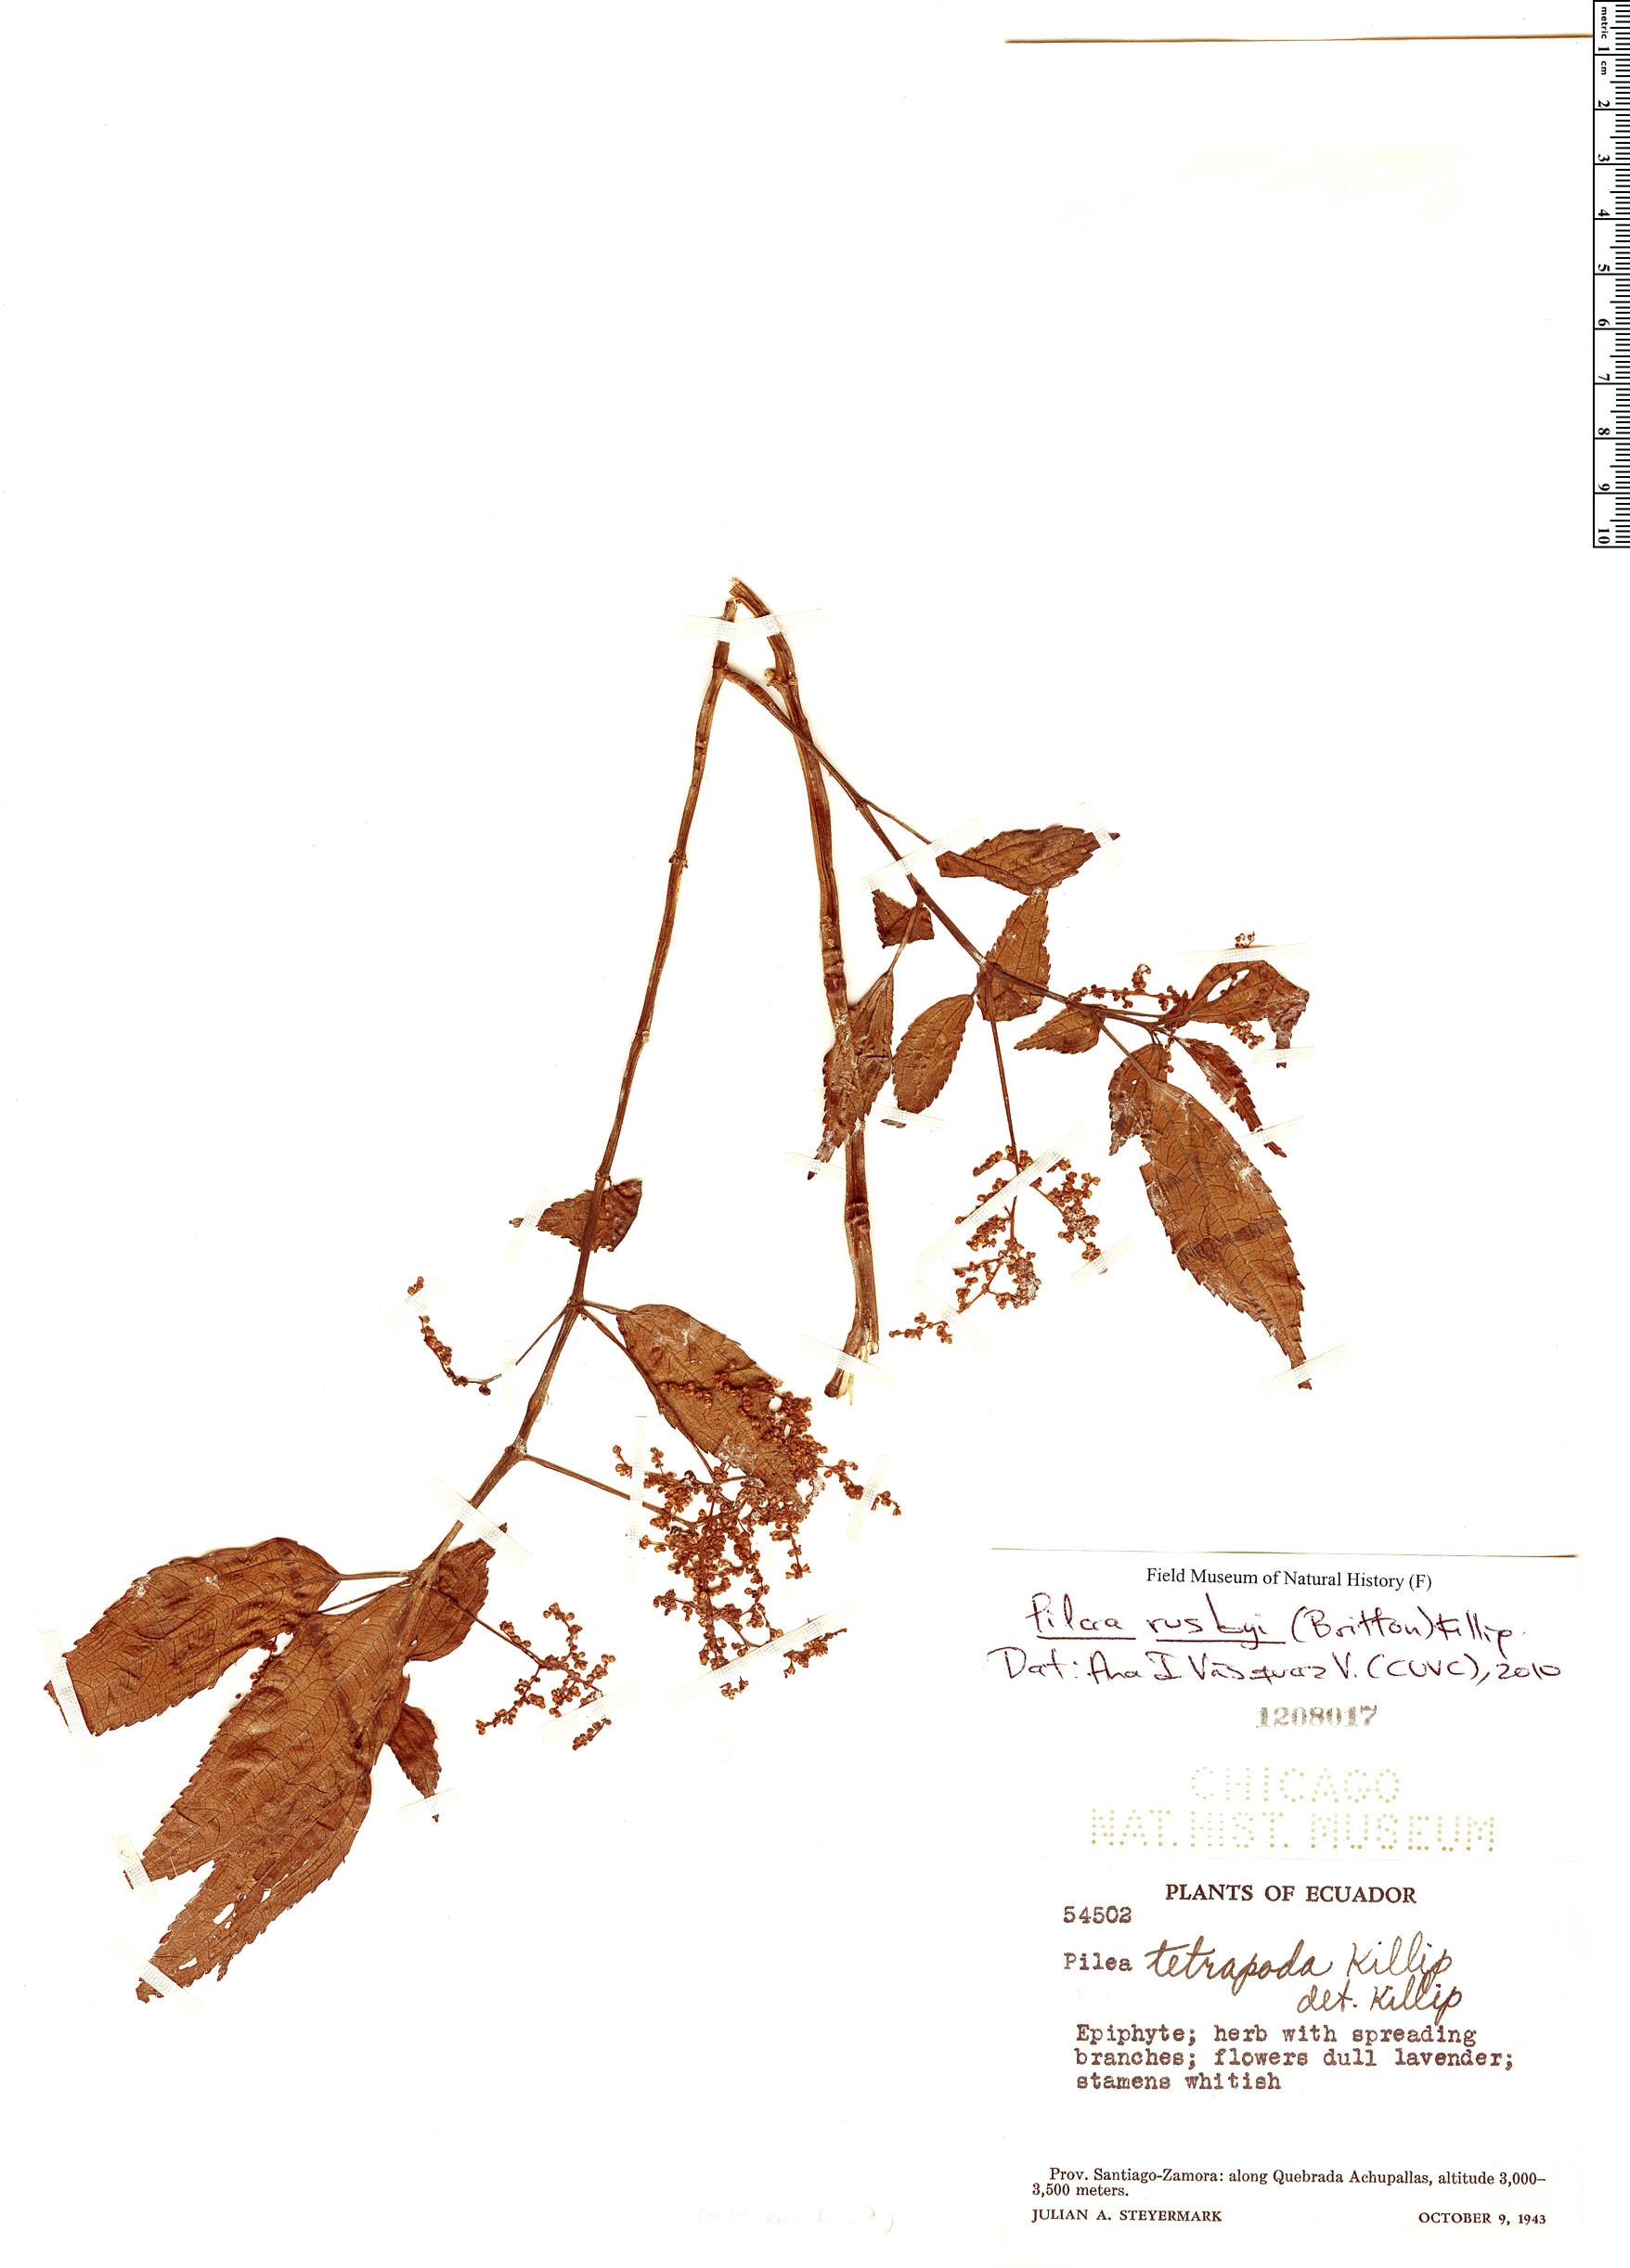 Specimen: Pilea rusbyi